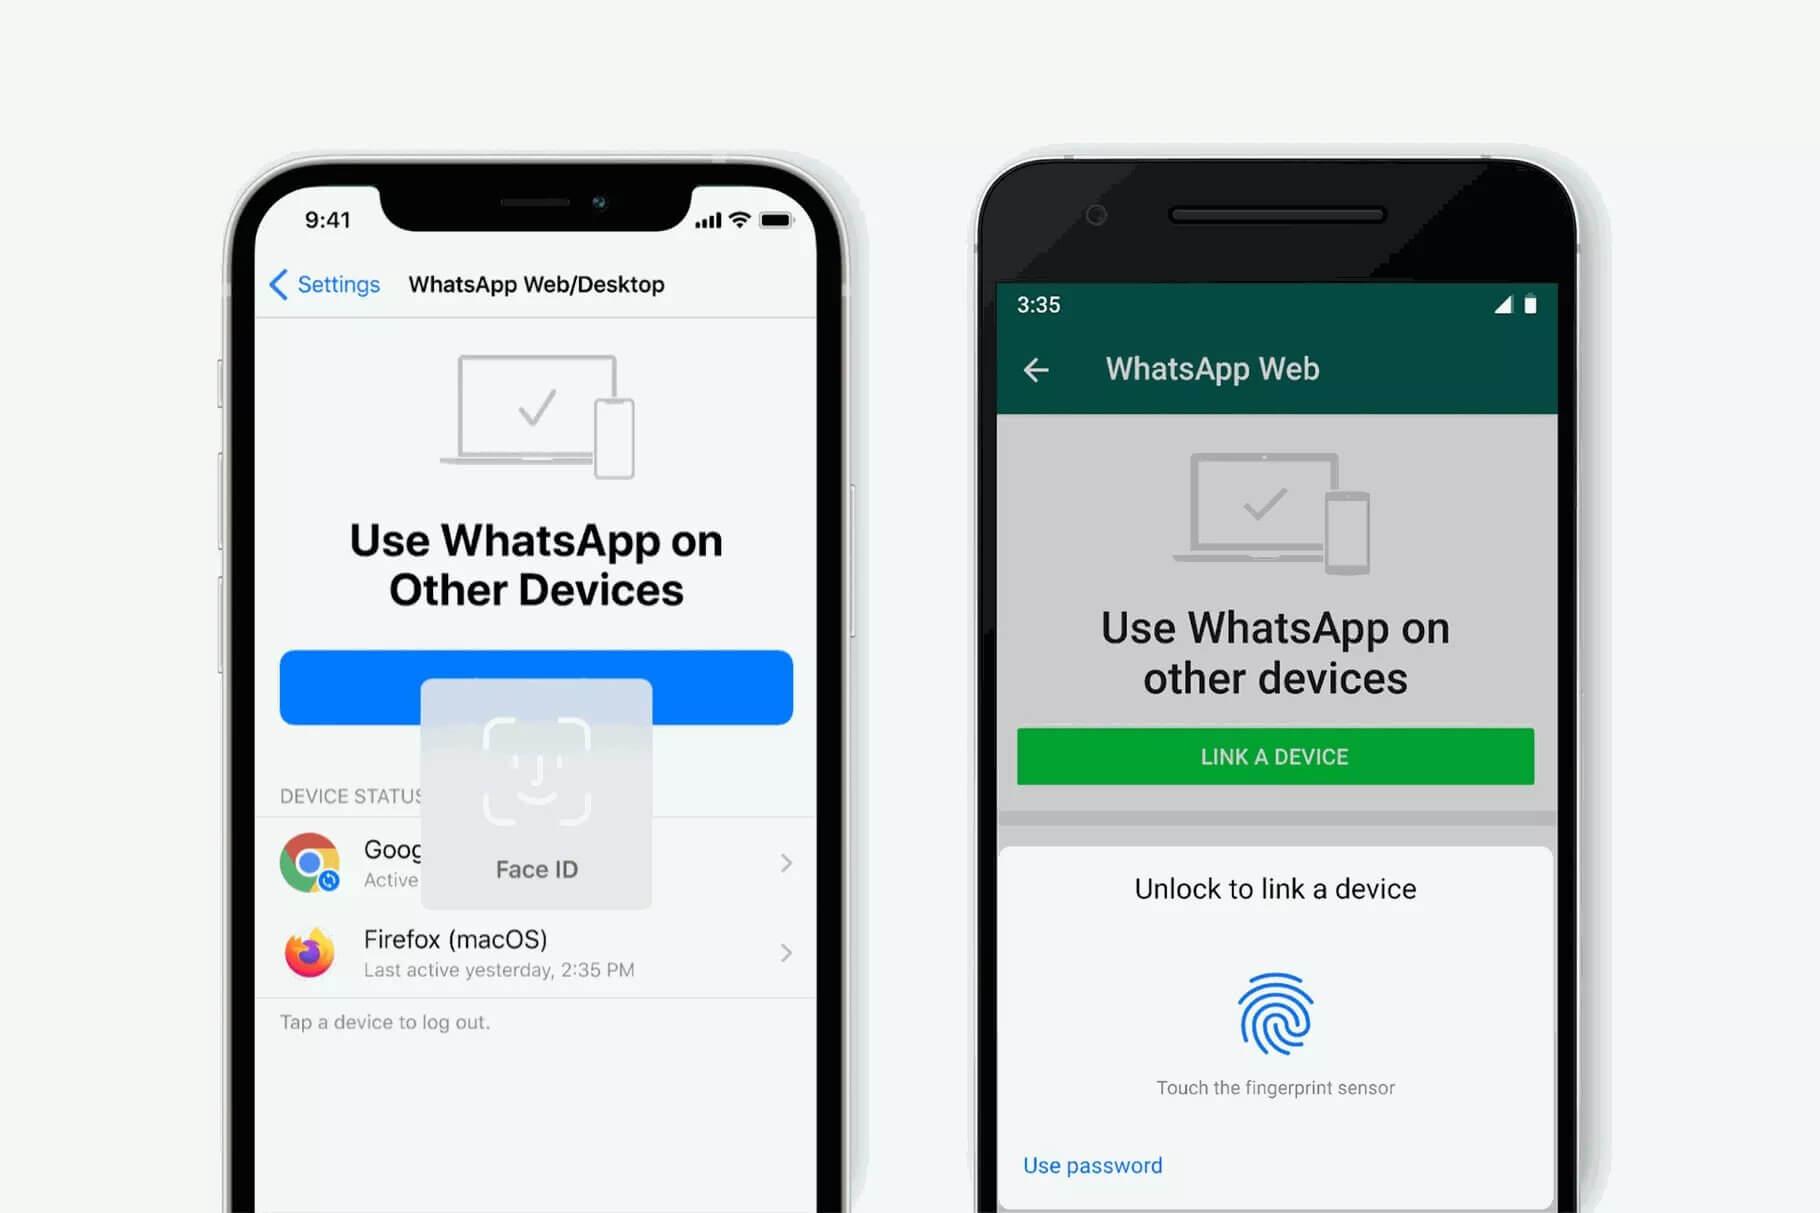 WhatsApp появится биометрическая аутентификация — через Touch или Face ID в Вотсап